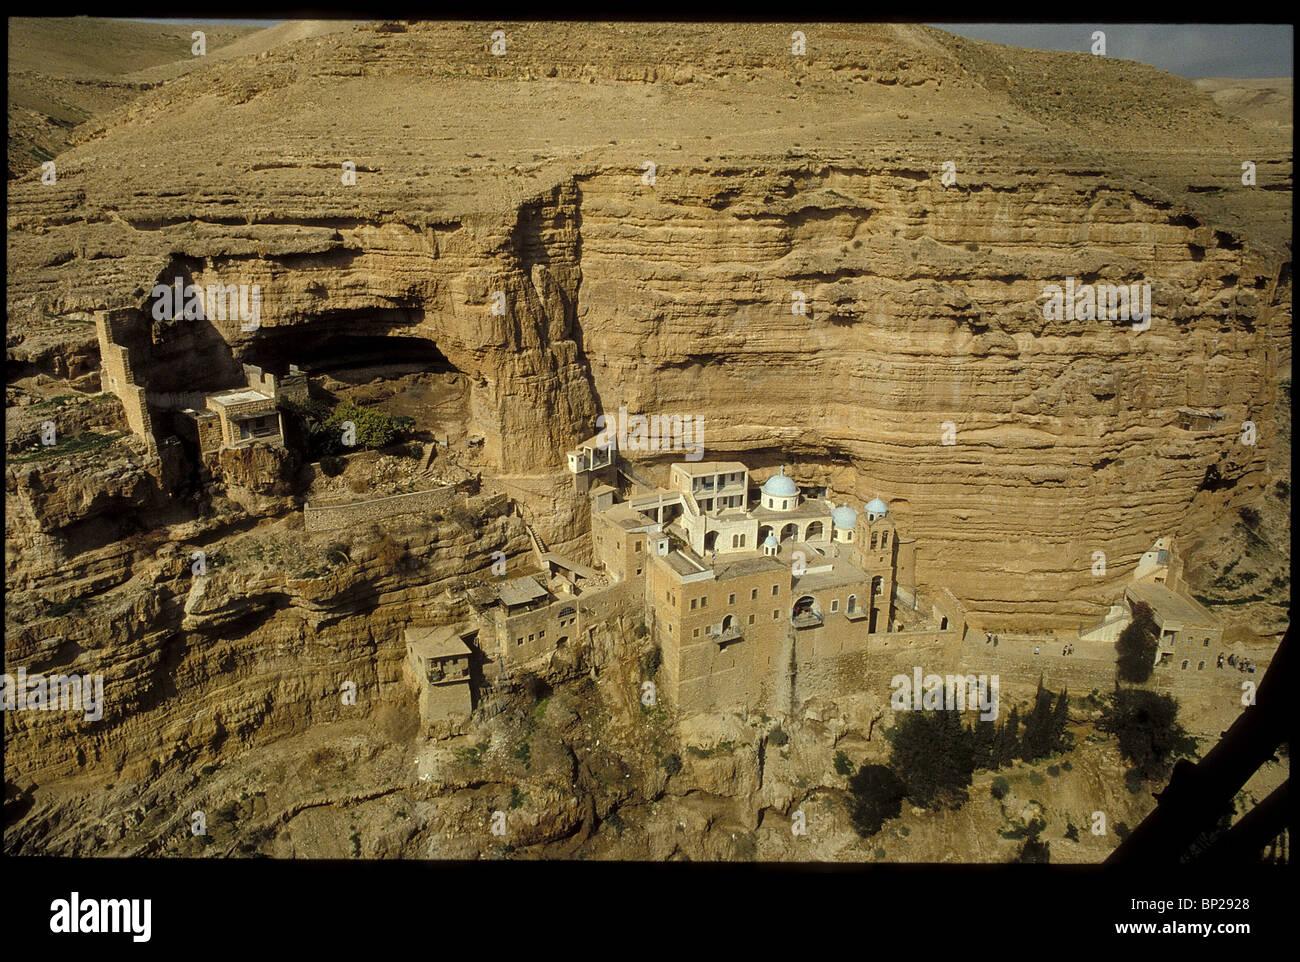 Greco-ortodossi MONASTERO DI ST. GEORGE COSTRUITO IN 5TH. C. A Wadi Kelt nel deserto della Giudea tra Gerusalemme Immagini Stock